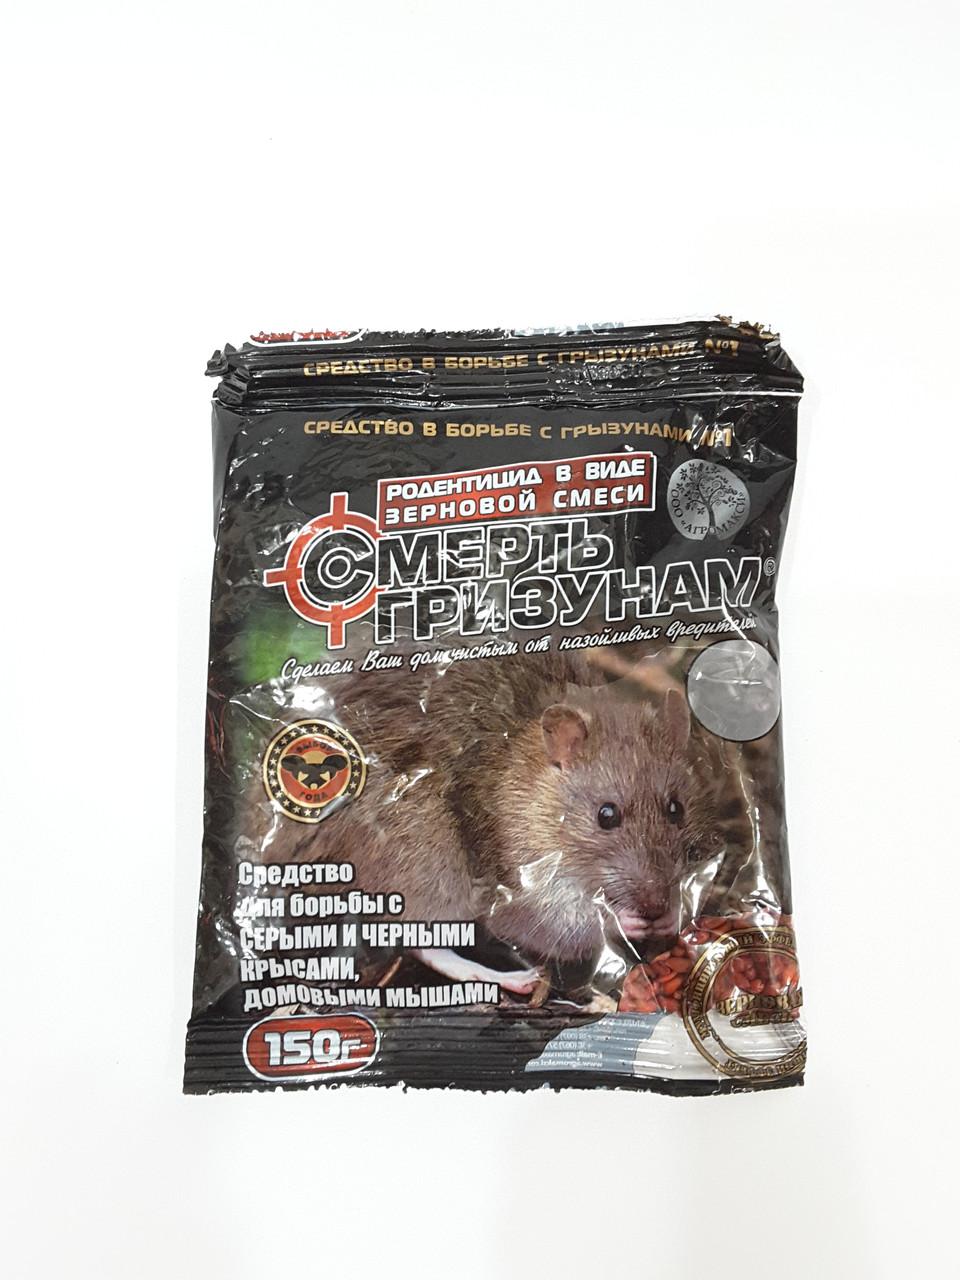 Средство для борьбы с грызунами Смерть грызунам зерно 150 гр.